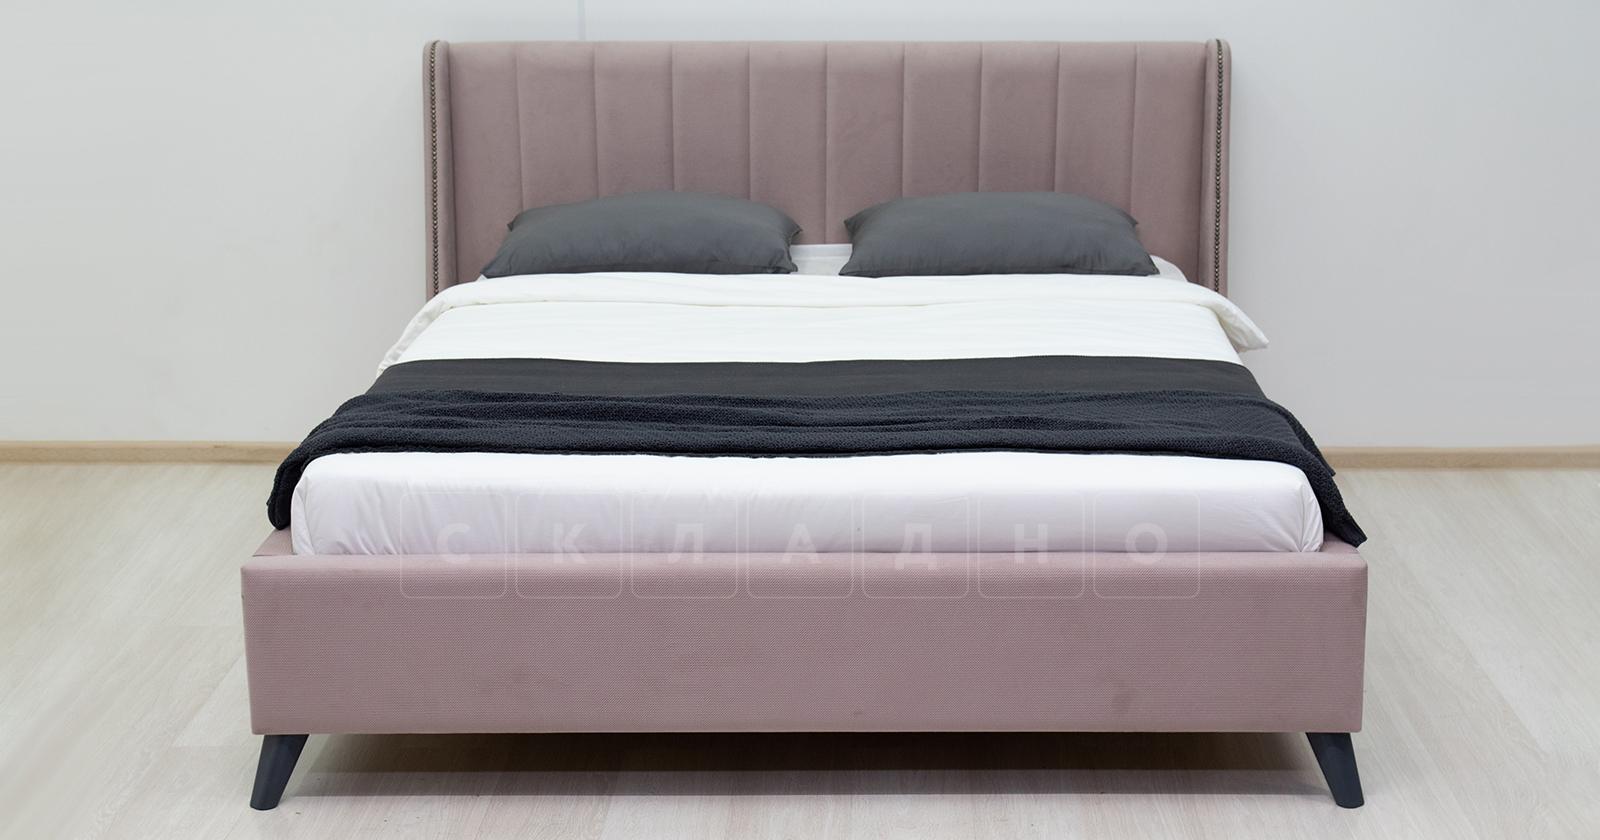 Мягкая кровать Мелисса 160 см велюр ява фото 4 | интернет-магазин Складно